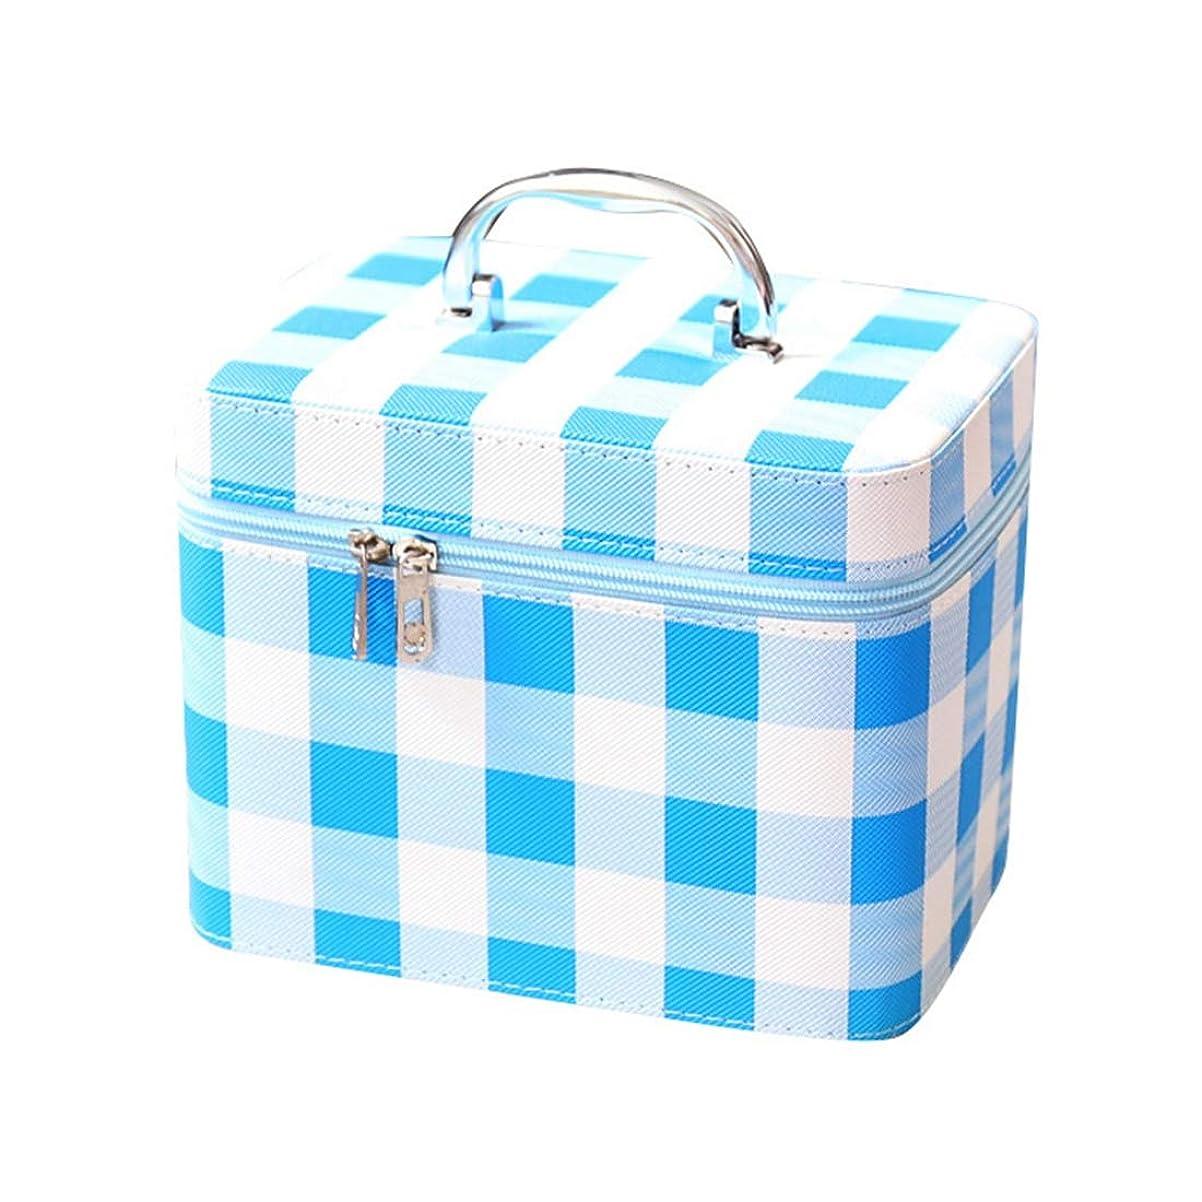 メイクボックス コスメボックス チェック チェック柄 明るい かわいい おしゃれ 持ち運び 化粧箱 化粧品入れ 鏡付き 小物入れ 機能的 収納バック 収納ケース 出張/旅行/お部屋 大きい/小さい レディース 取っ手付 ブルー